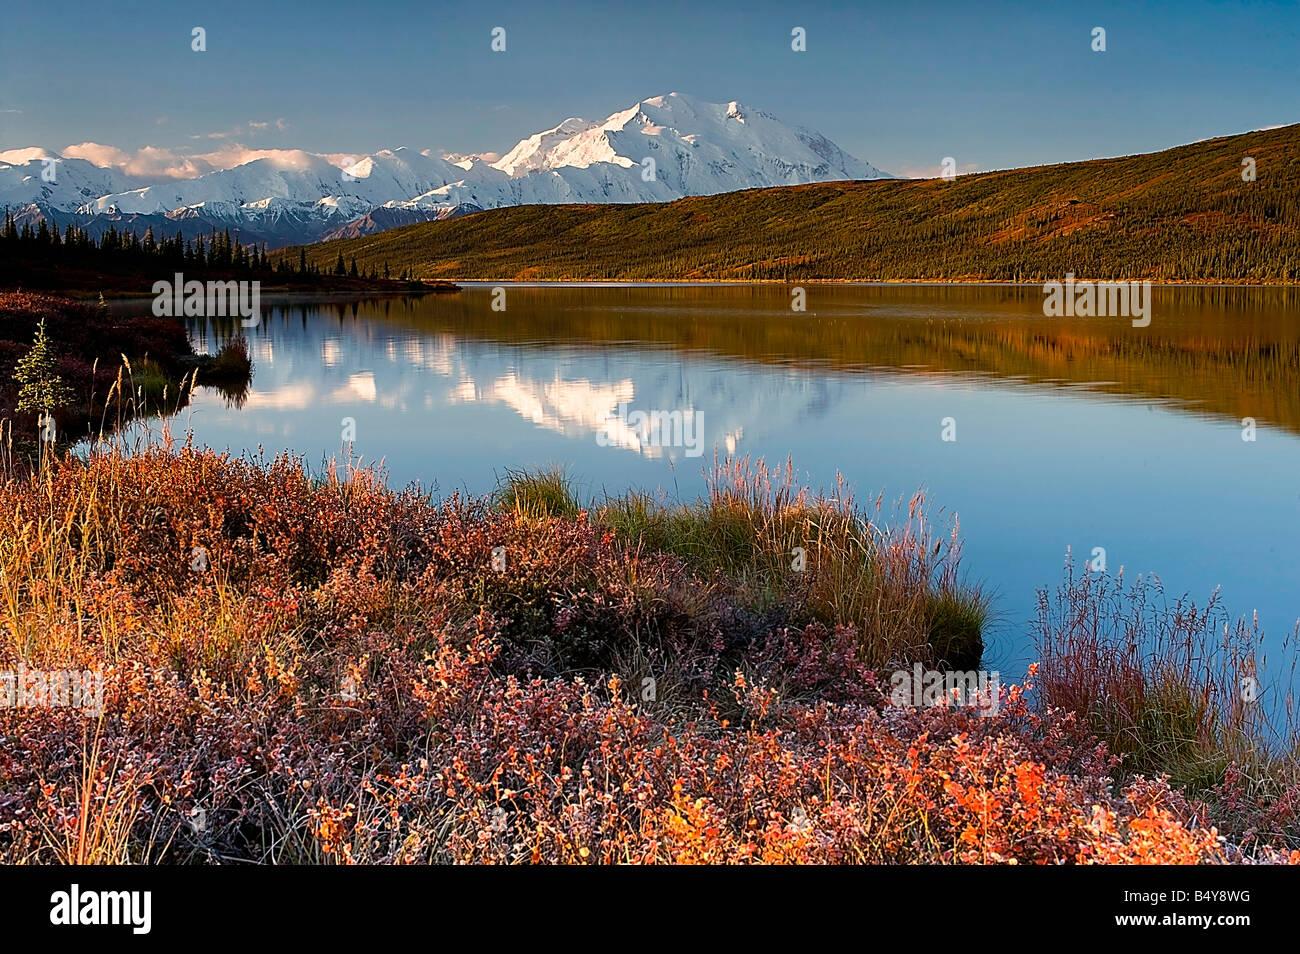 Mount Mckinley from Wonder Lake in Autumn, Denali National Park, Alaska - Stock Image